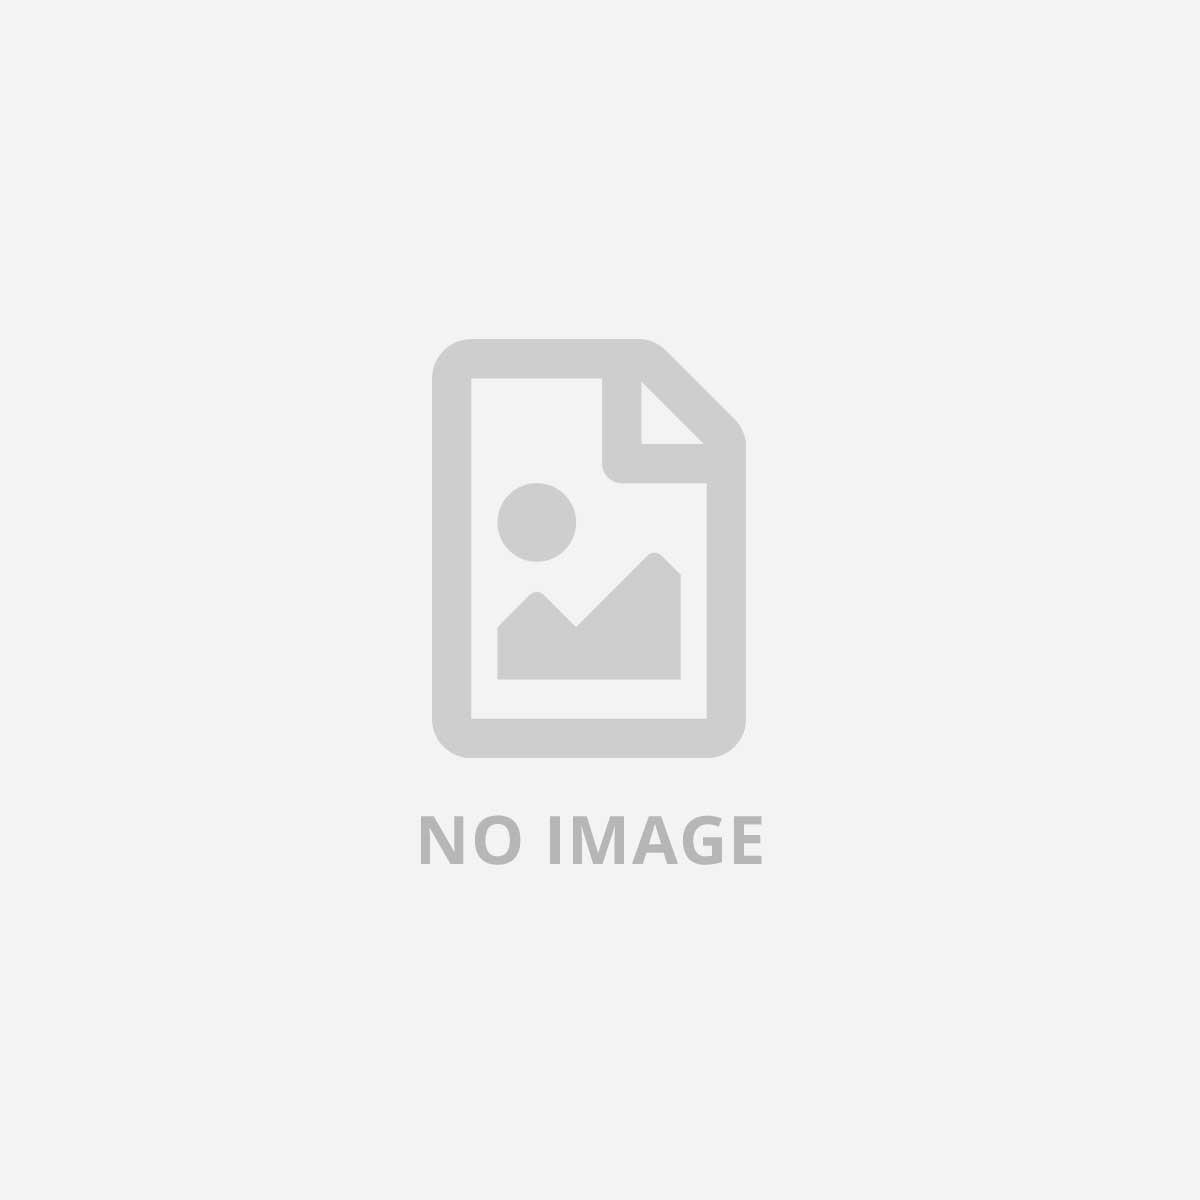 PRODOTTI COMPATIBILI WEBCAM TECHMADE CIRCLE 640 X 480